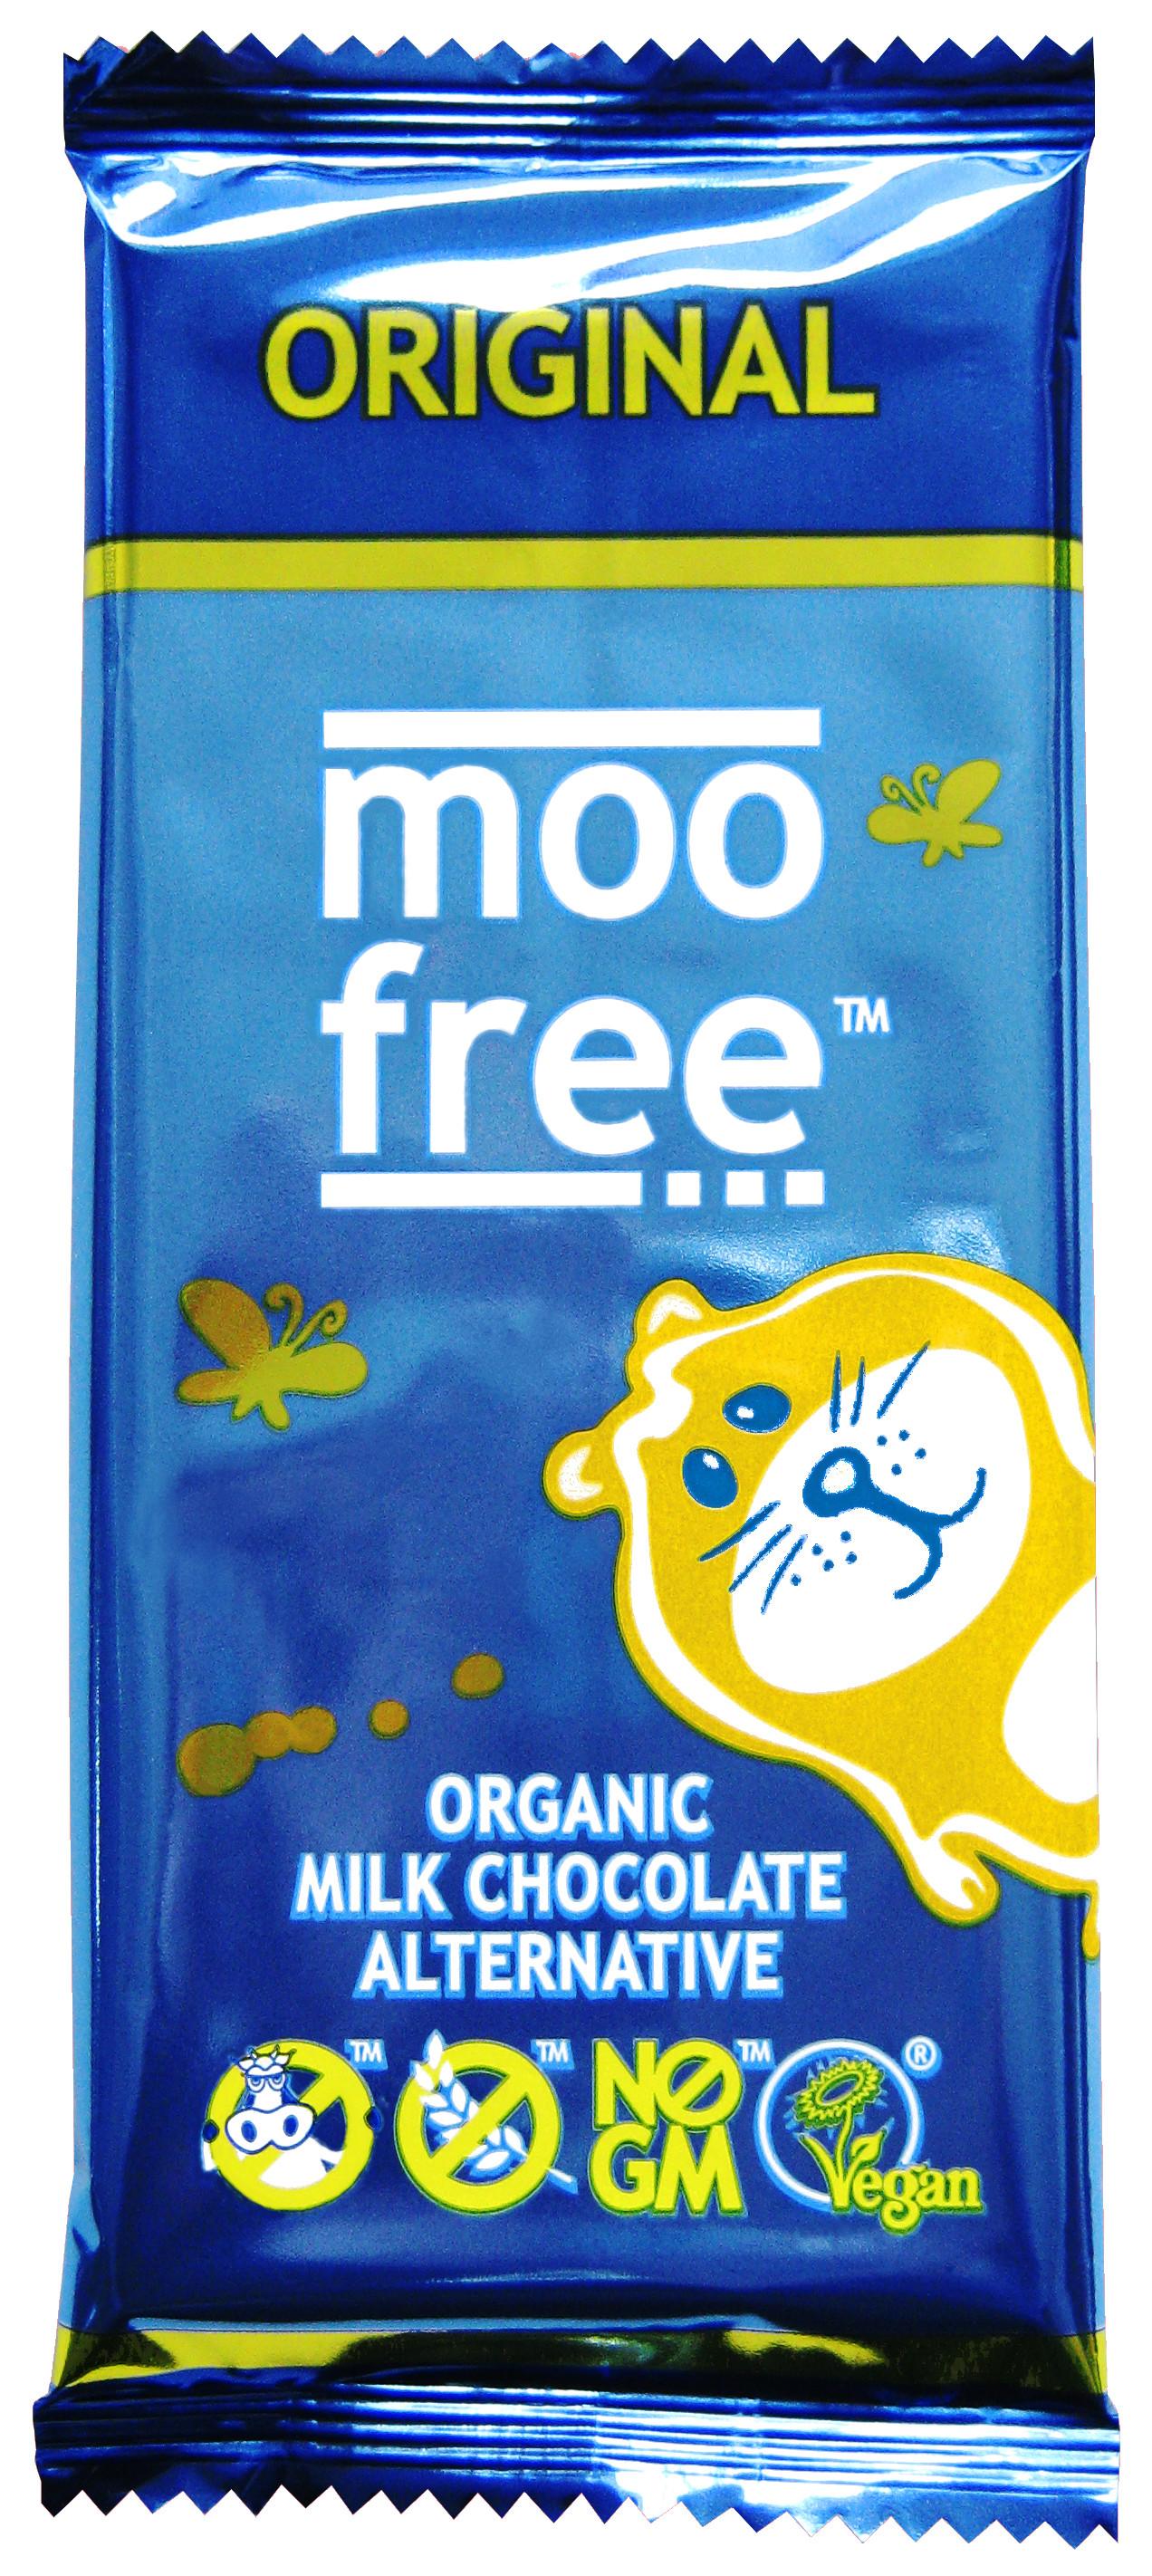 moo-free-original-100g-bar-hi-res.jpg